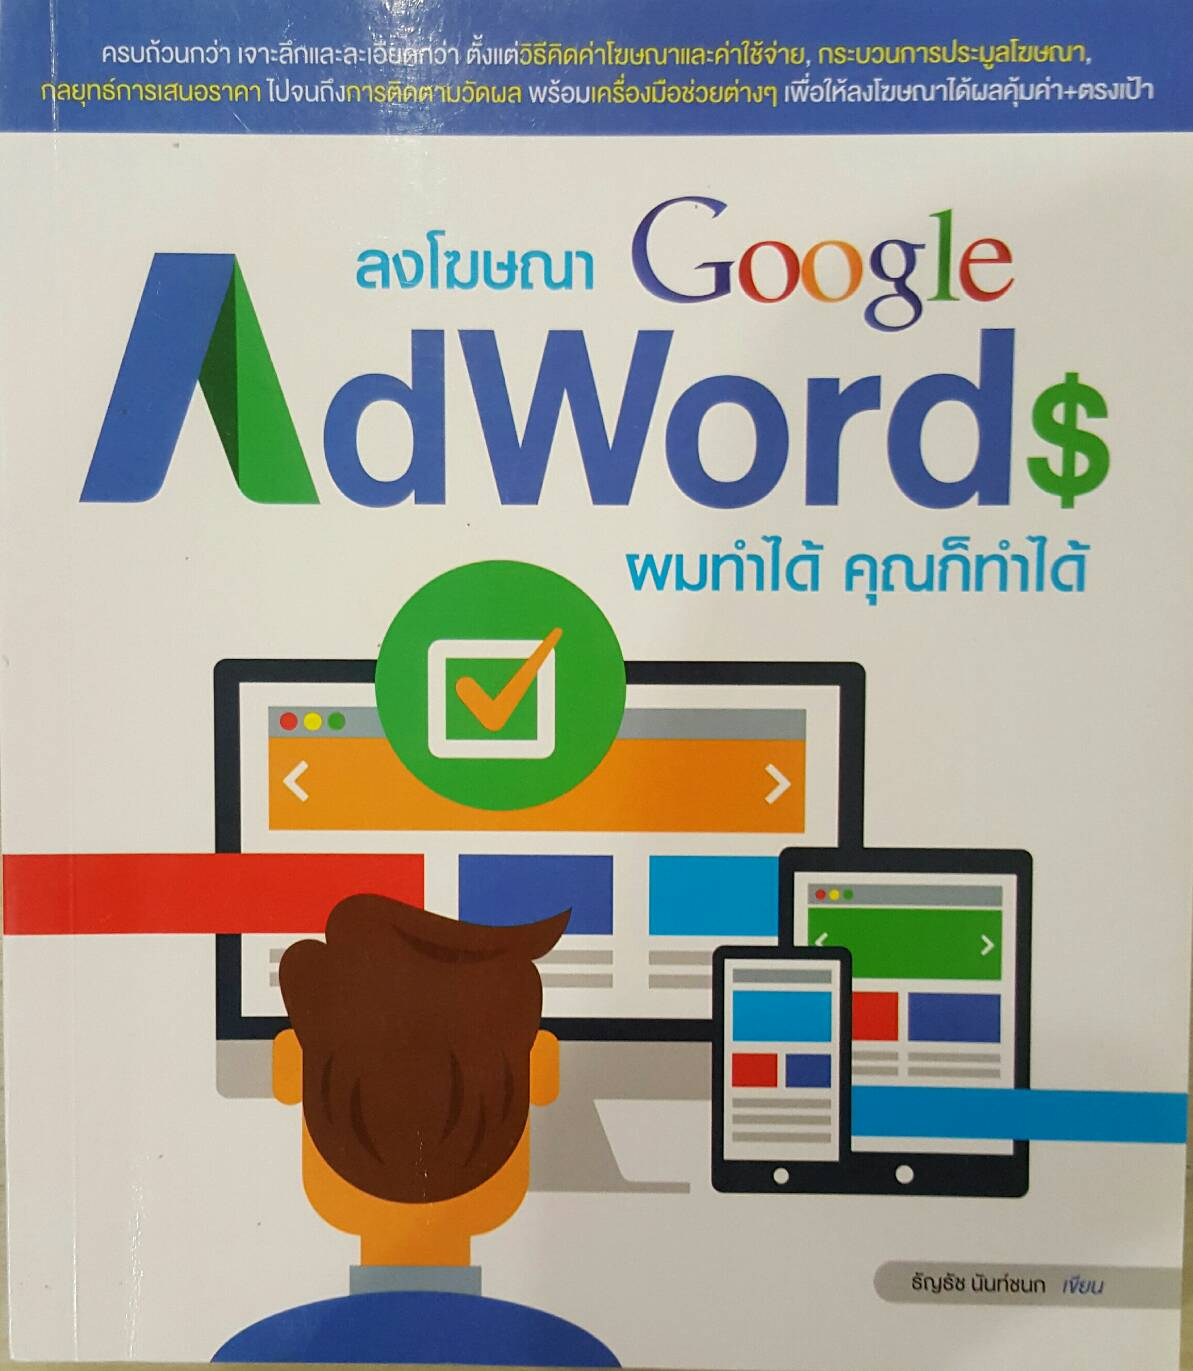 ลงโฆษณา Google Adword ผมทำได้ คุณก็ทำได้